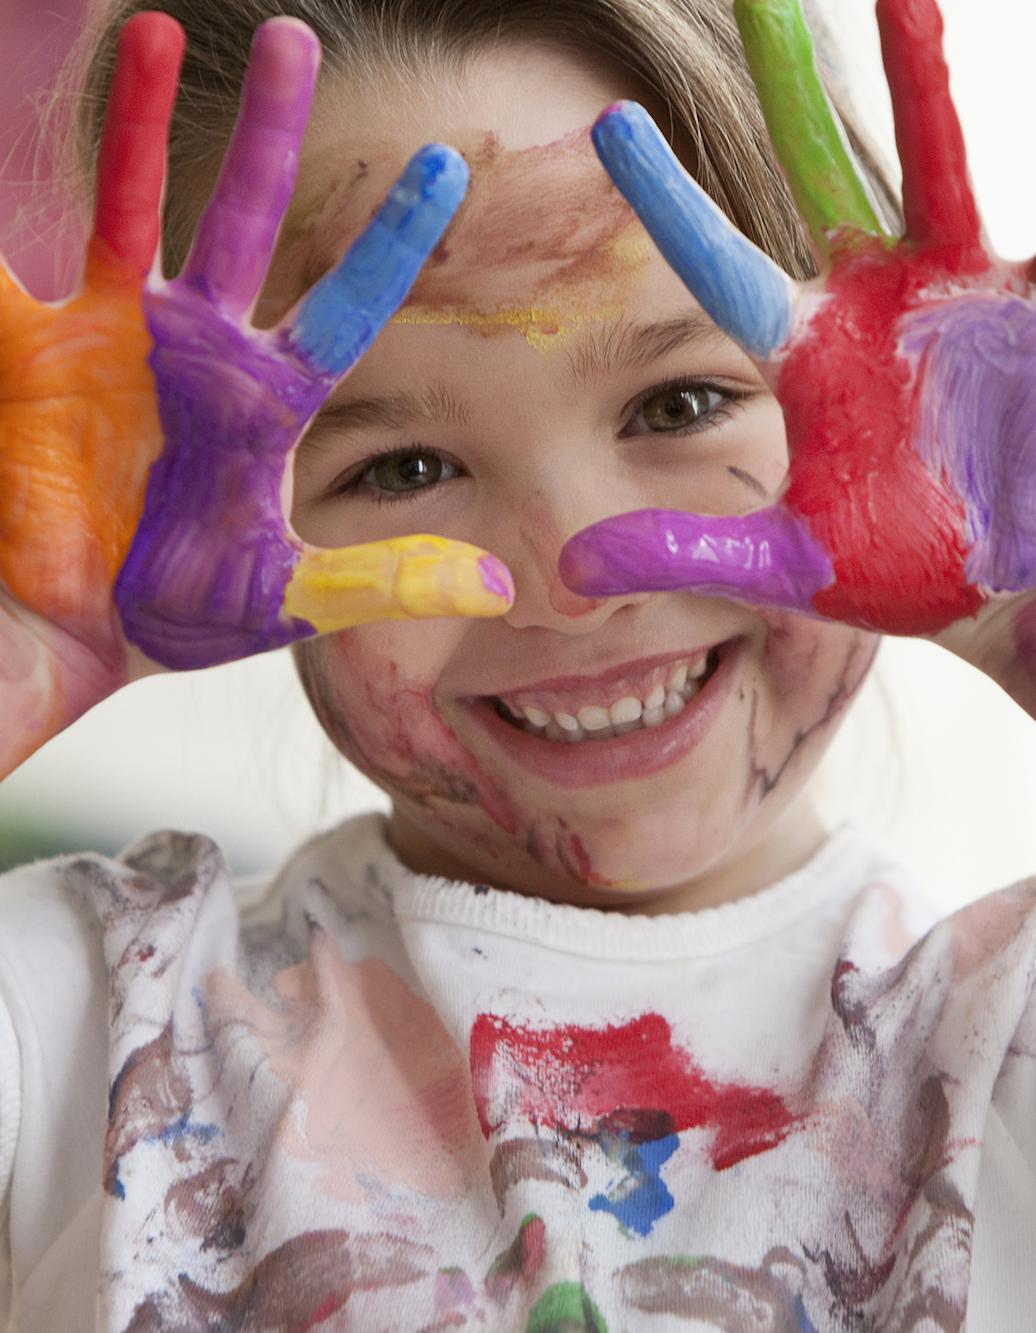 pédagogie école Montessori une fille mains et vêtement avec de la peinture part.2-Atlaneastro